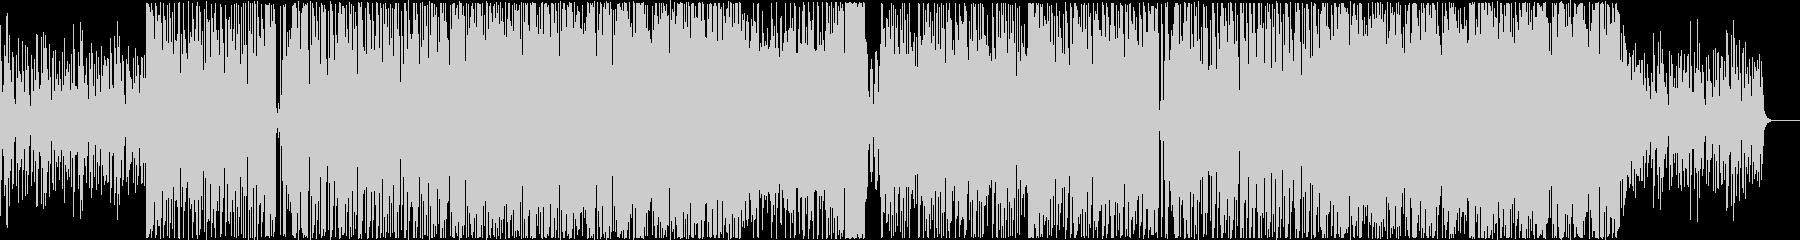 EDM系 キャッチーでノリが良い曲 -8の未再生の波形